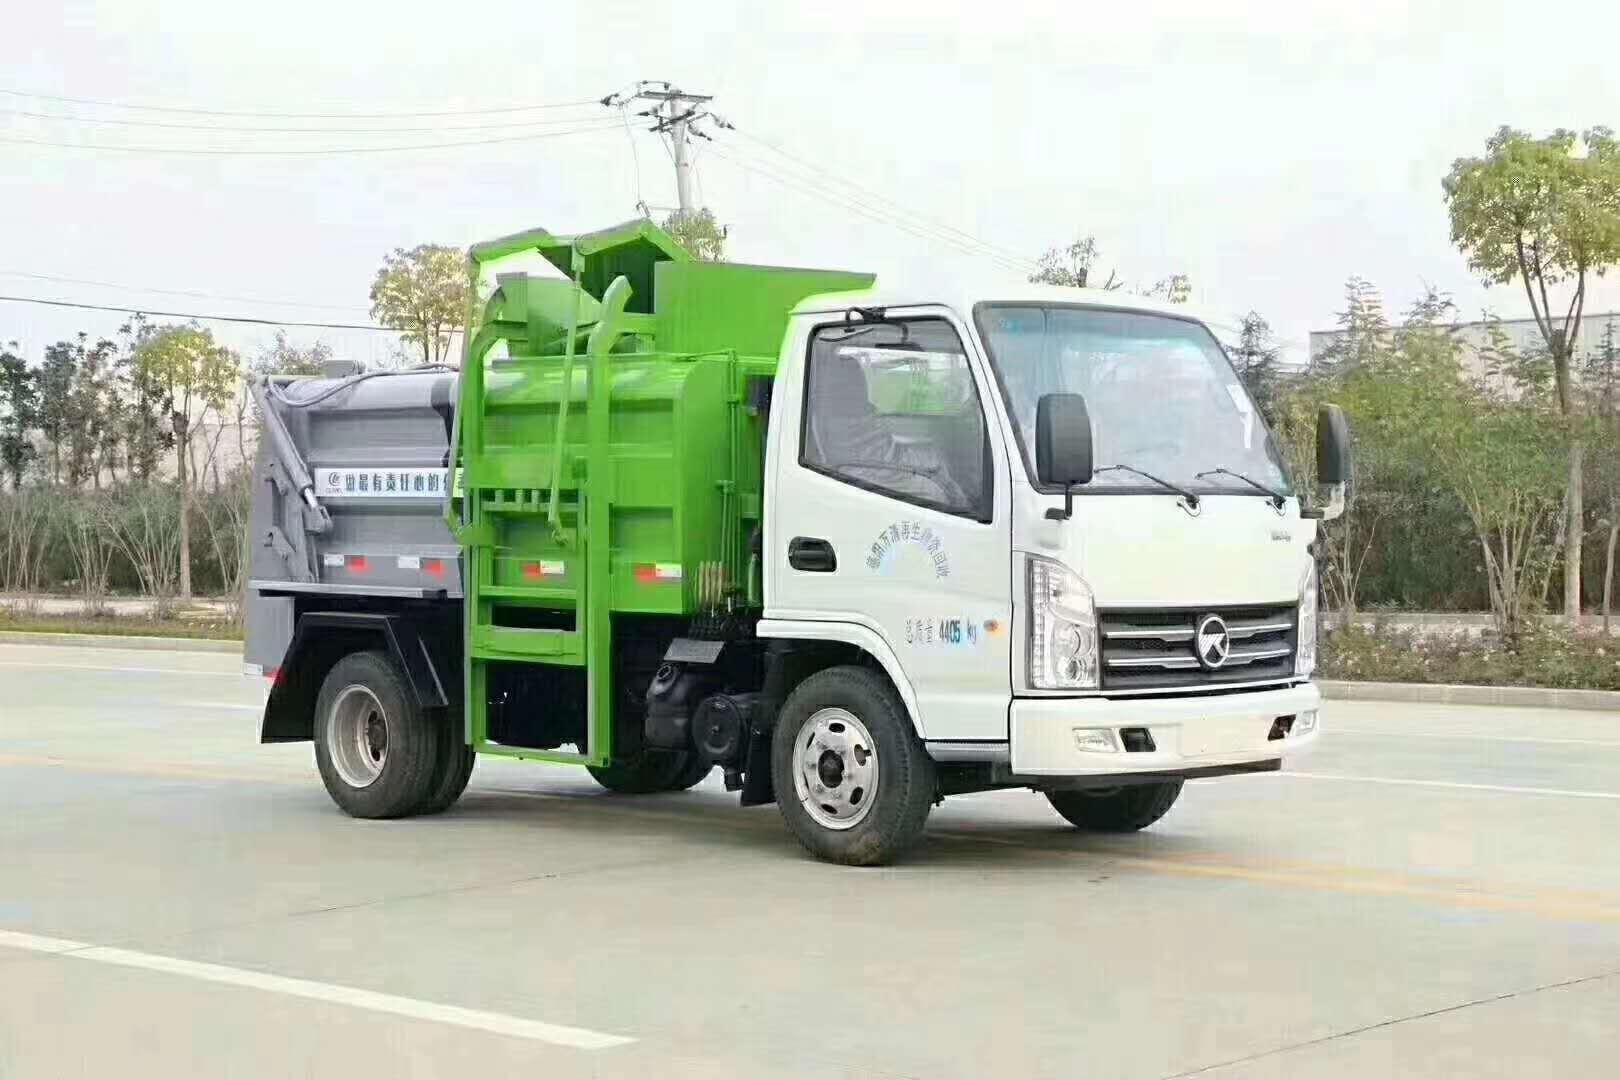 蓝牌餐厨垃圾车 垃圾车分类视频